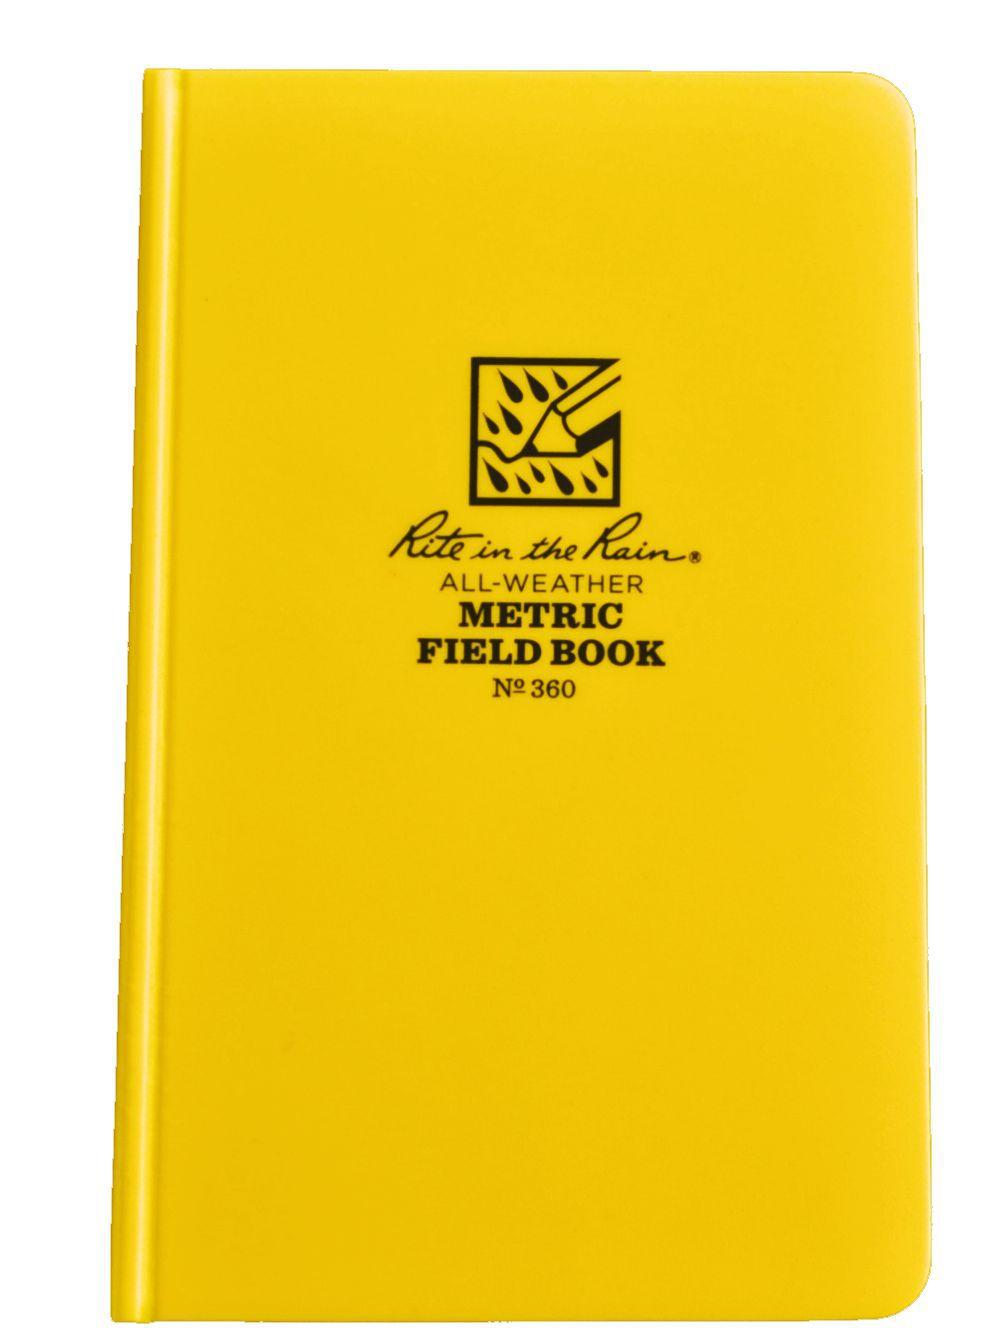 Caderneta de Campo Métrica Impermeável 360